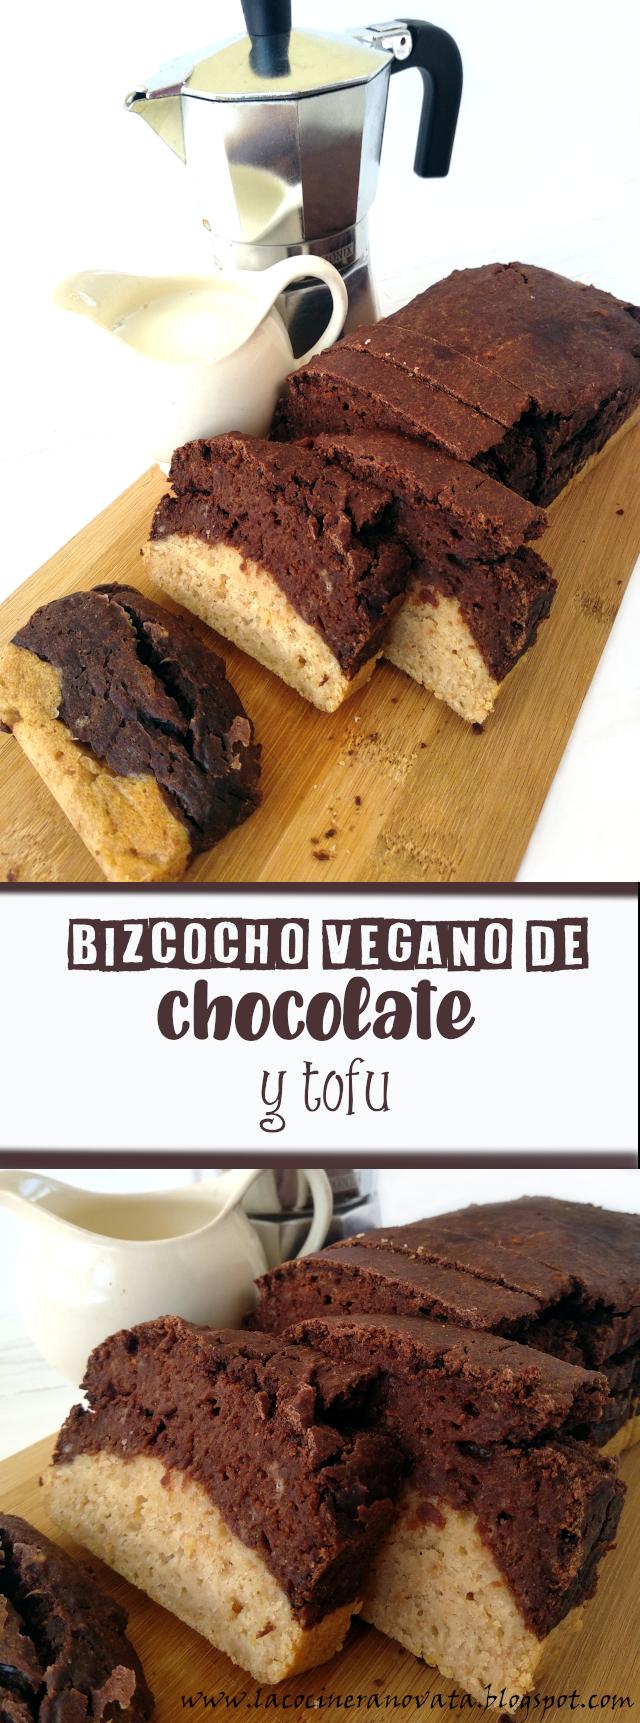 BIZCOCHO VEGANO DE CHOCOLATE Y TOFU la cocinera novata cocina receta vegana reposteria dulce saludable sano healthy casera